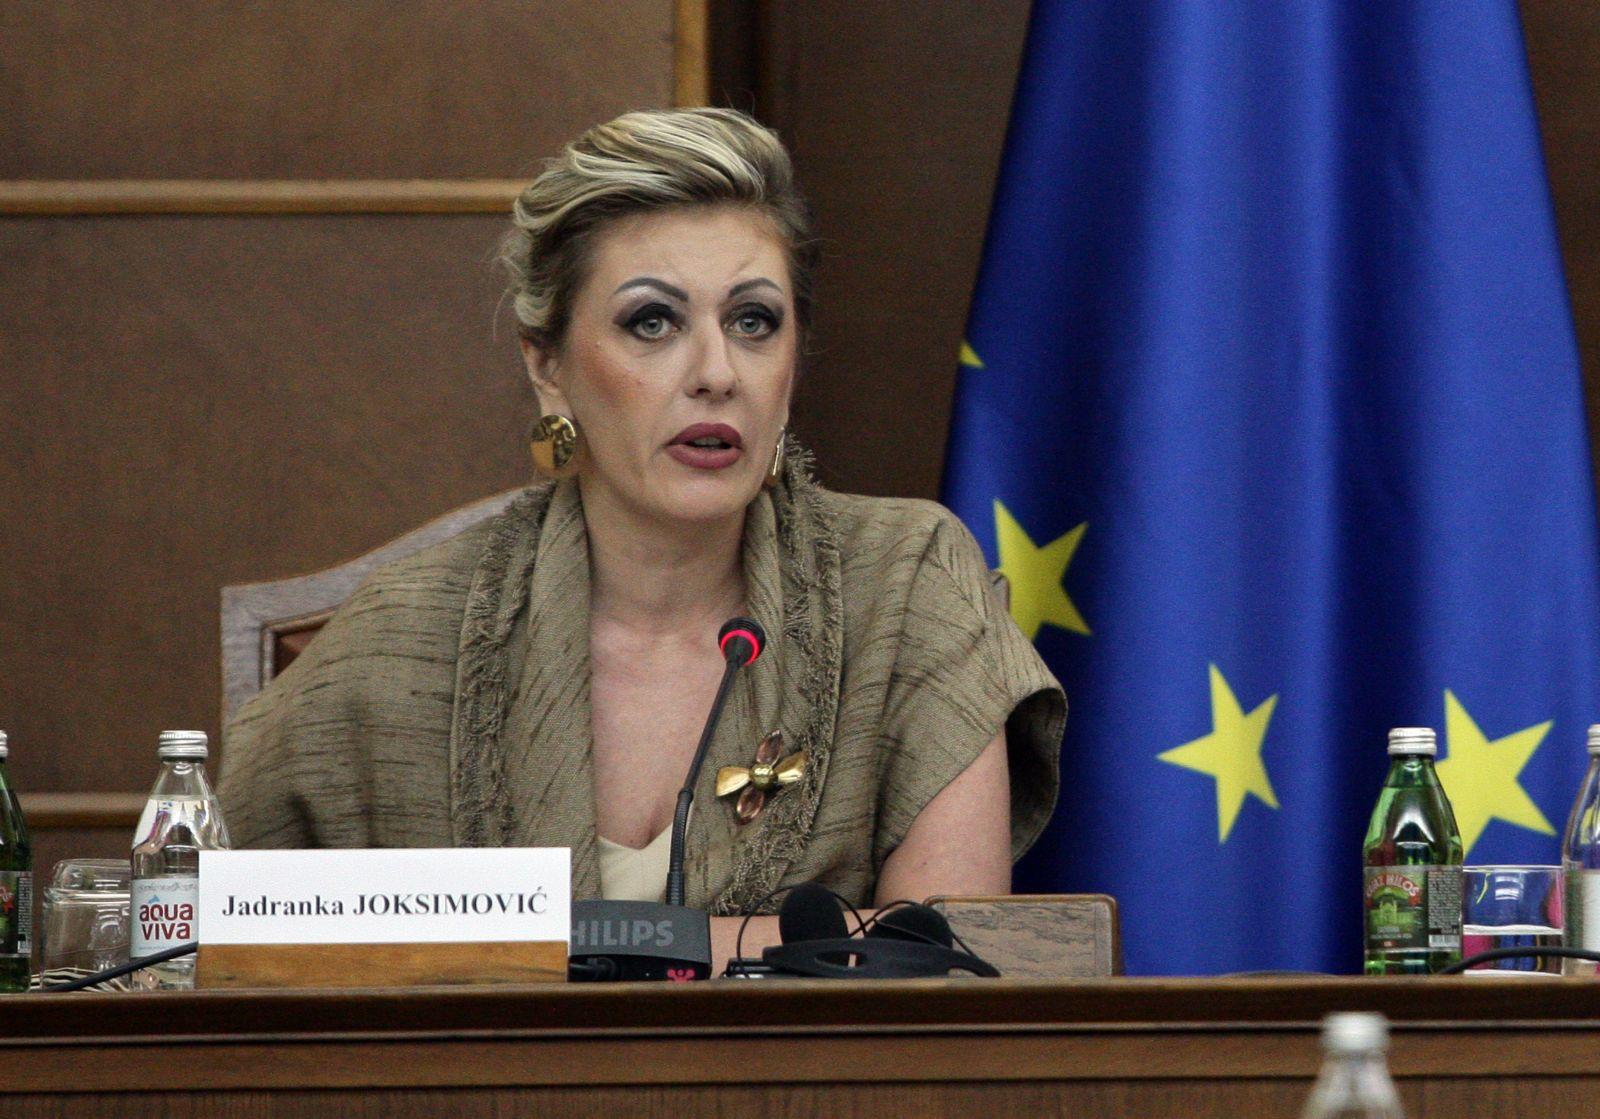 Ј. Јоксимовић: Реформа администрације у функцији задржавања стручњака